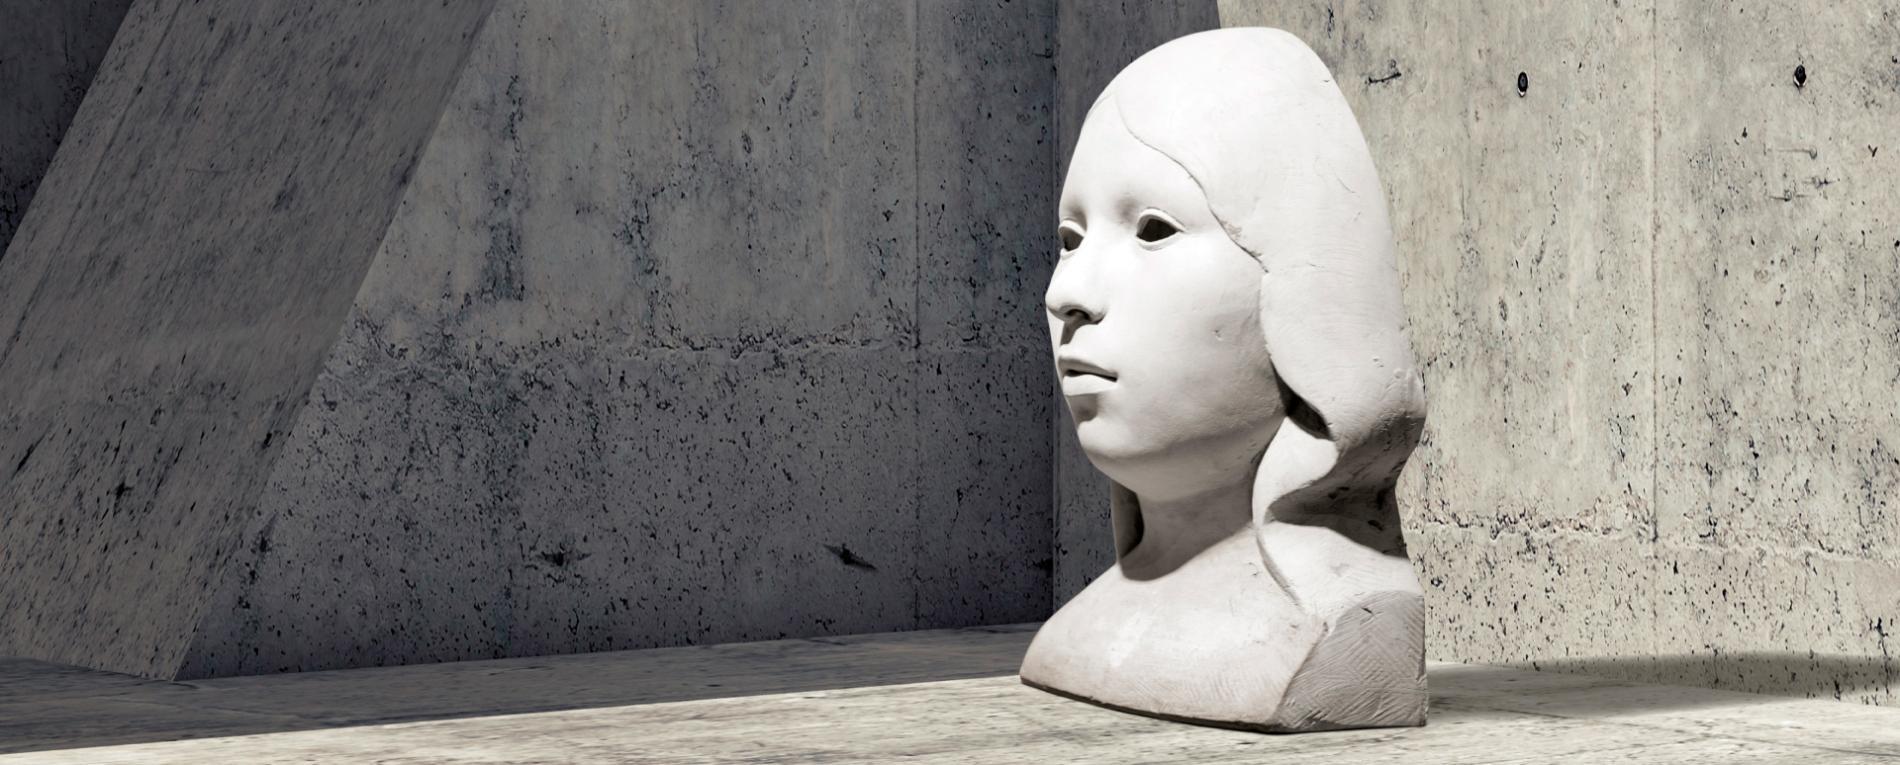 Busto de piedra gigante